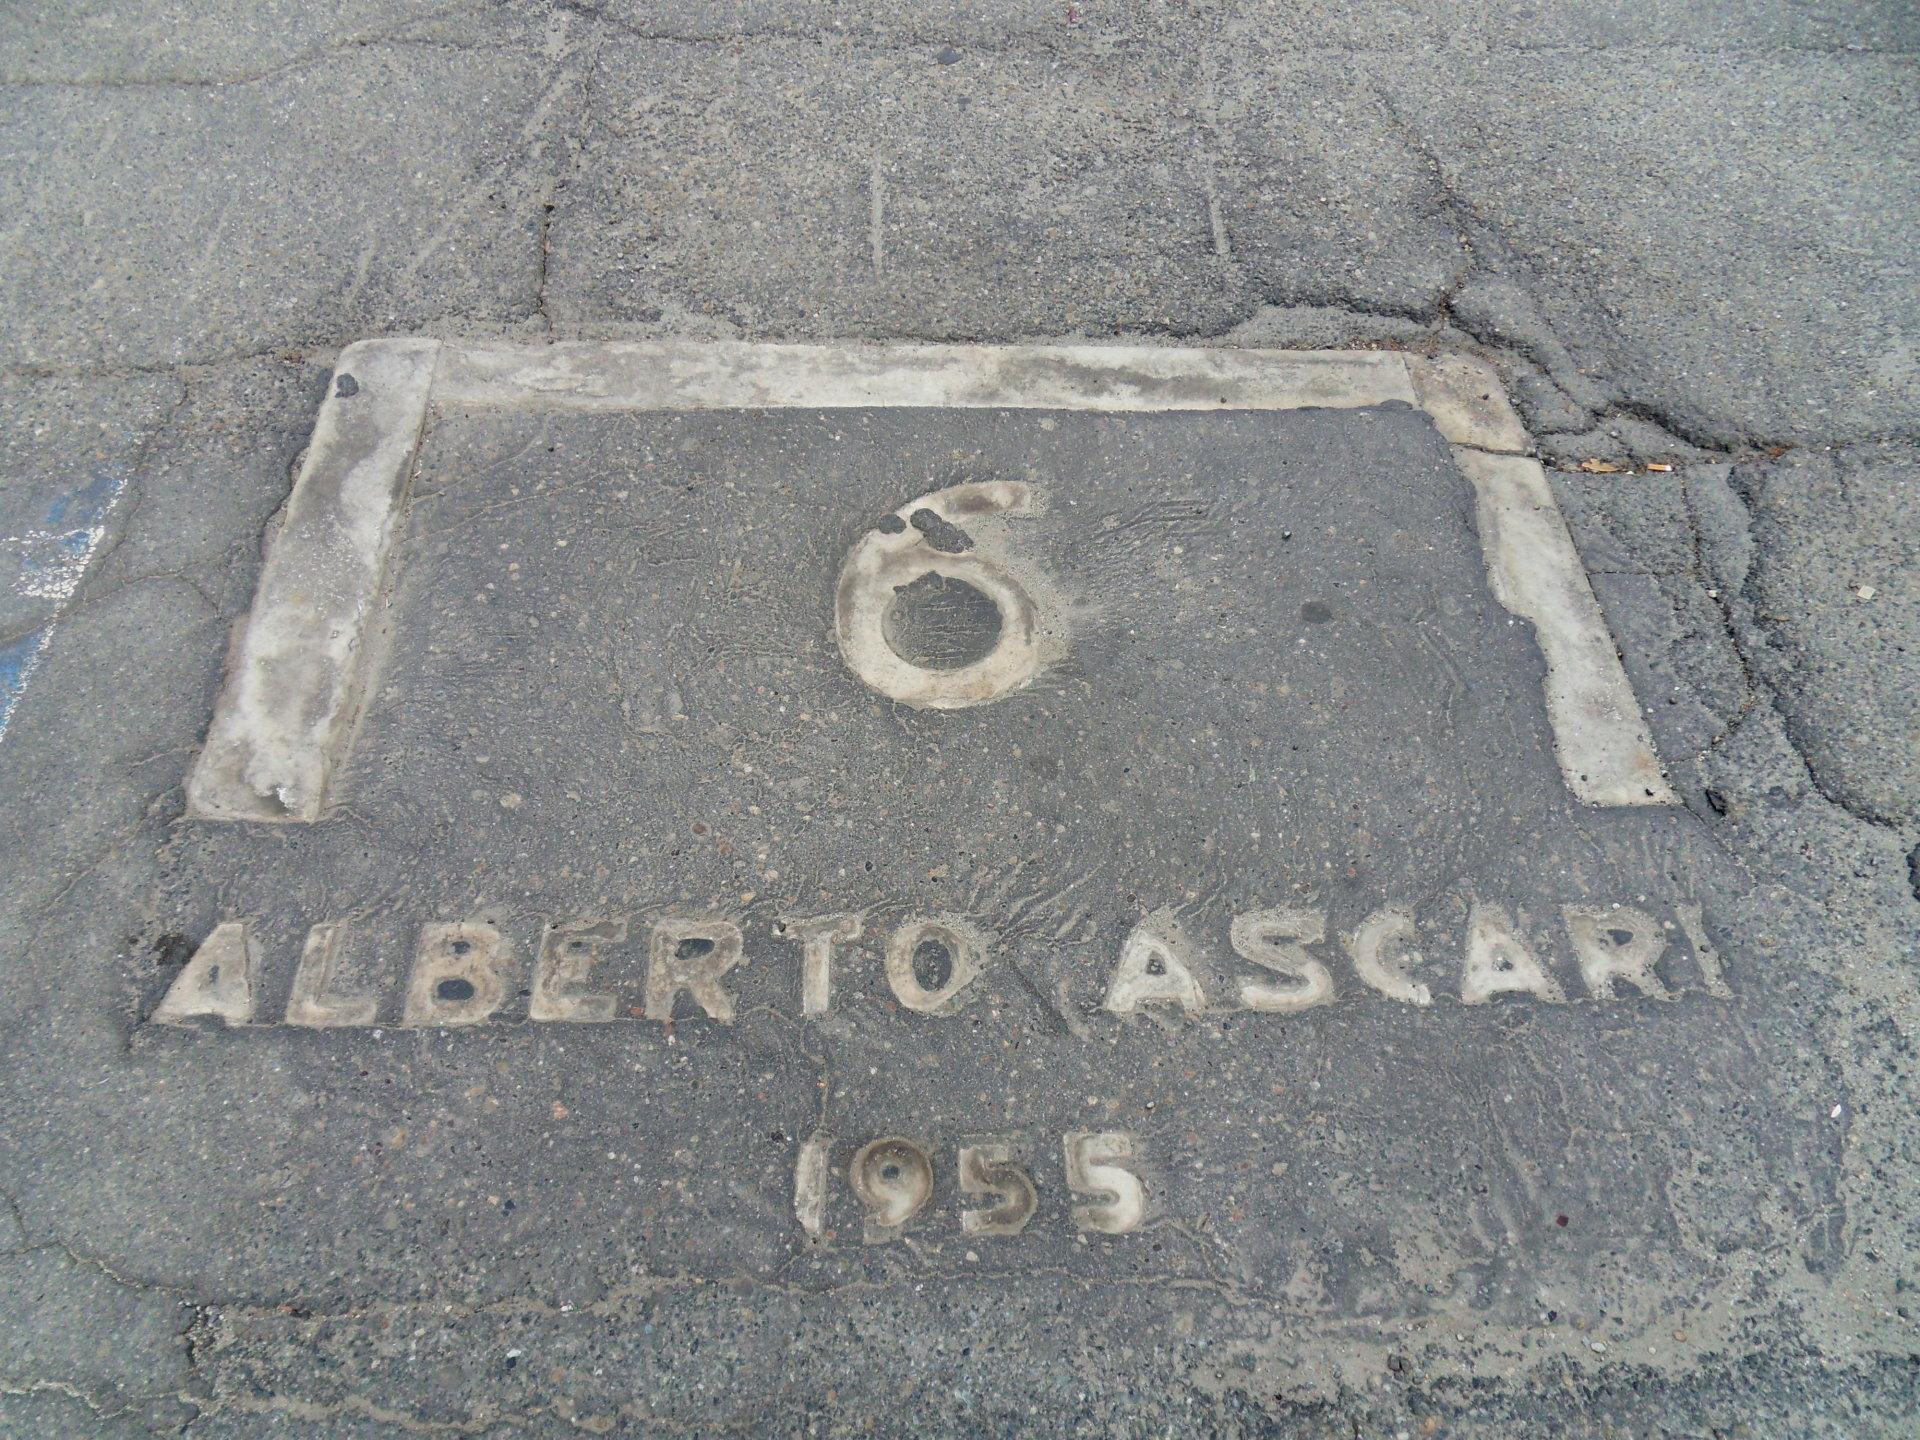 Circuito Ascari : File:alberto ascari piazzola parco del valentino.jpg wikipedia